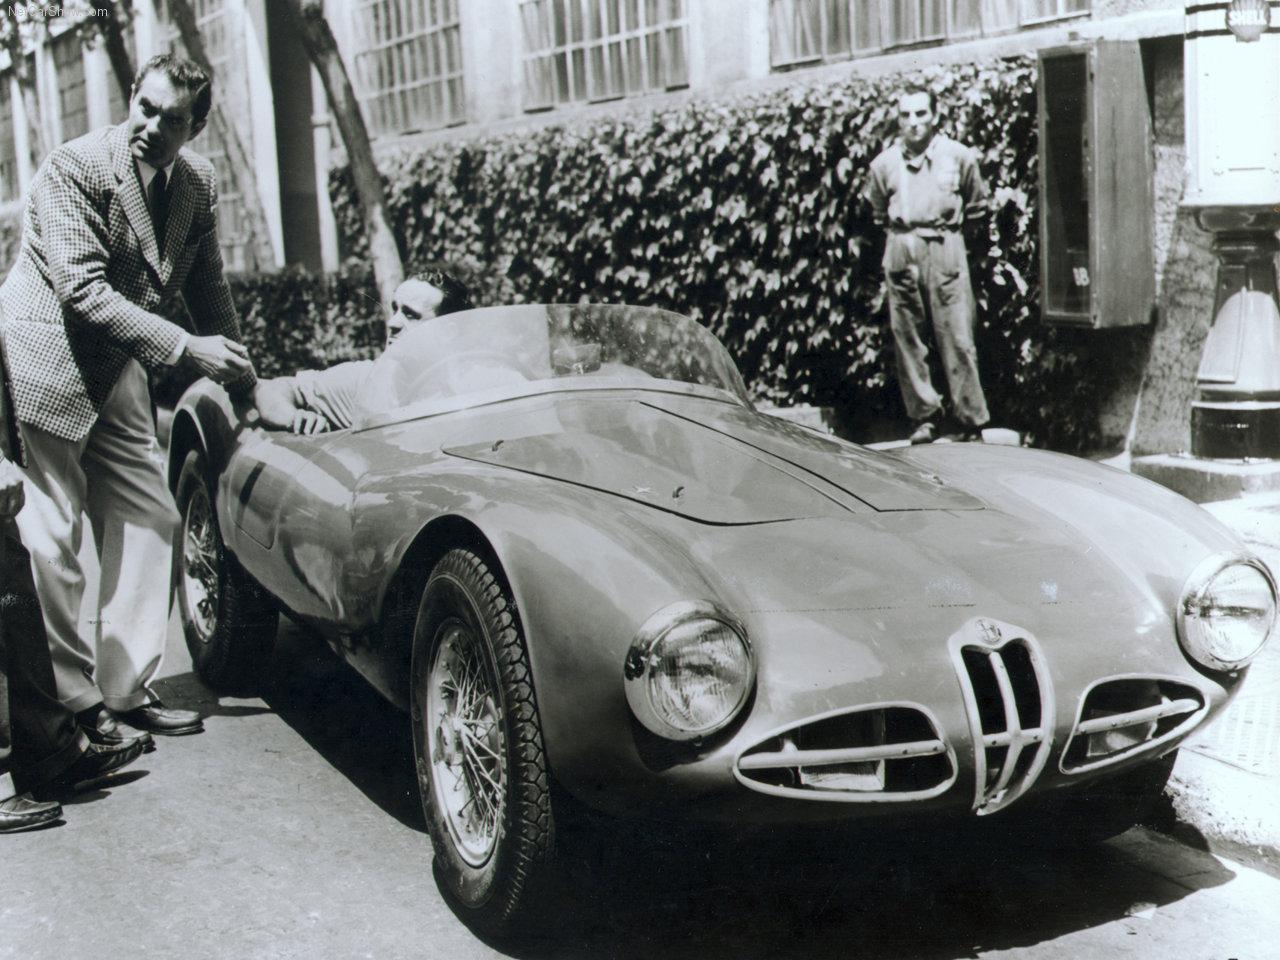 Alfa Romeo C52 Disco Volante 2000 Spider 1952 Alfa_Romeo-C_52_Disco_Volante_2000_Spider-1952-1280-01